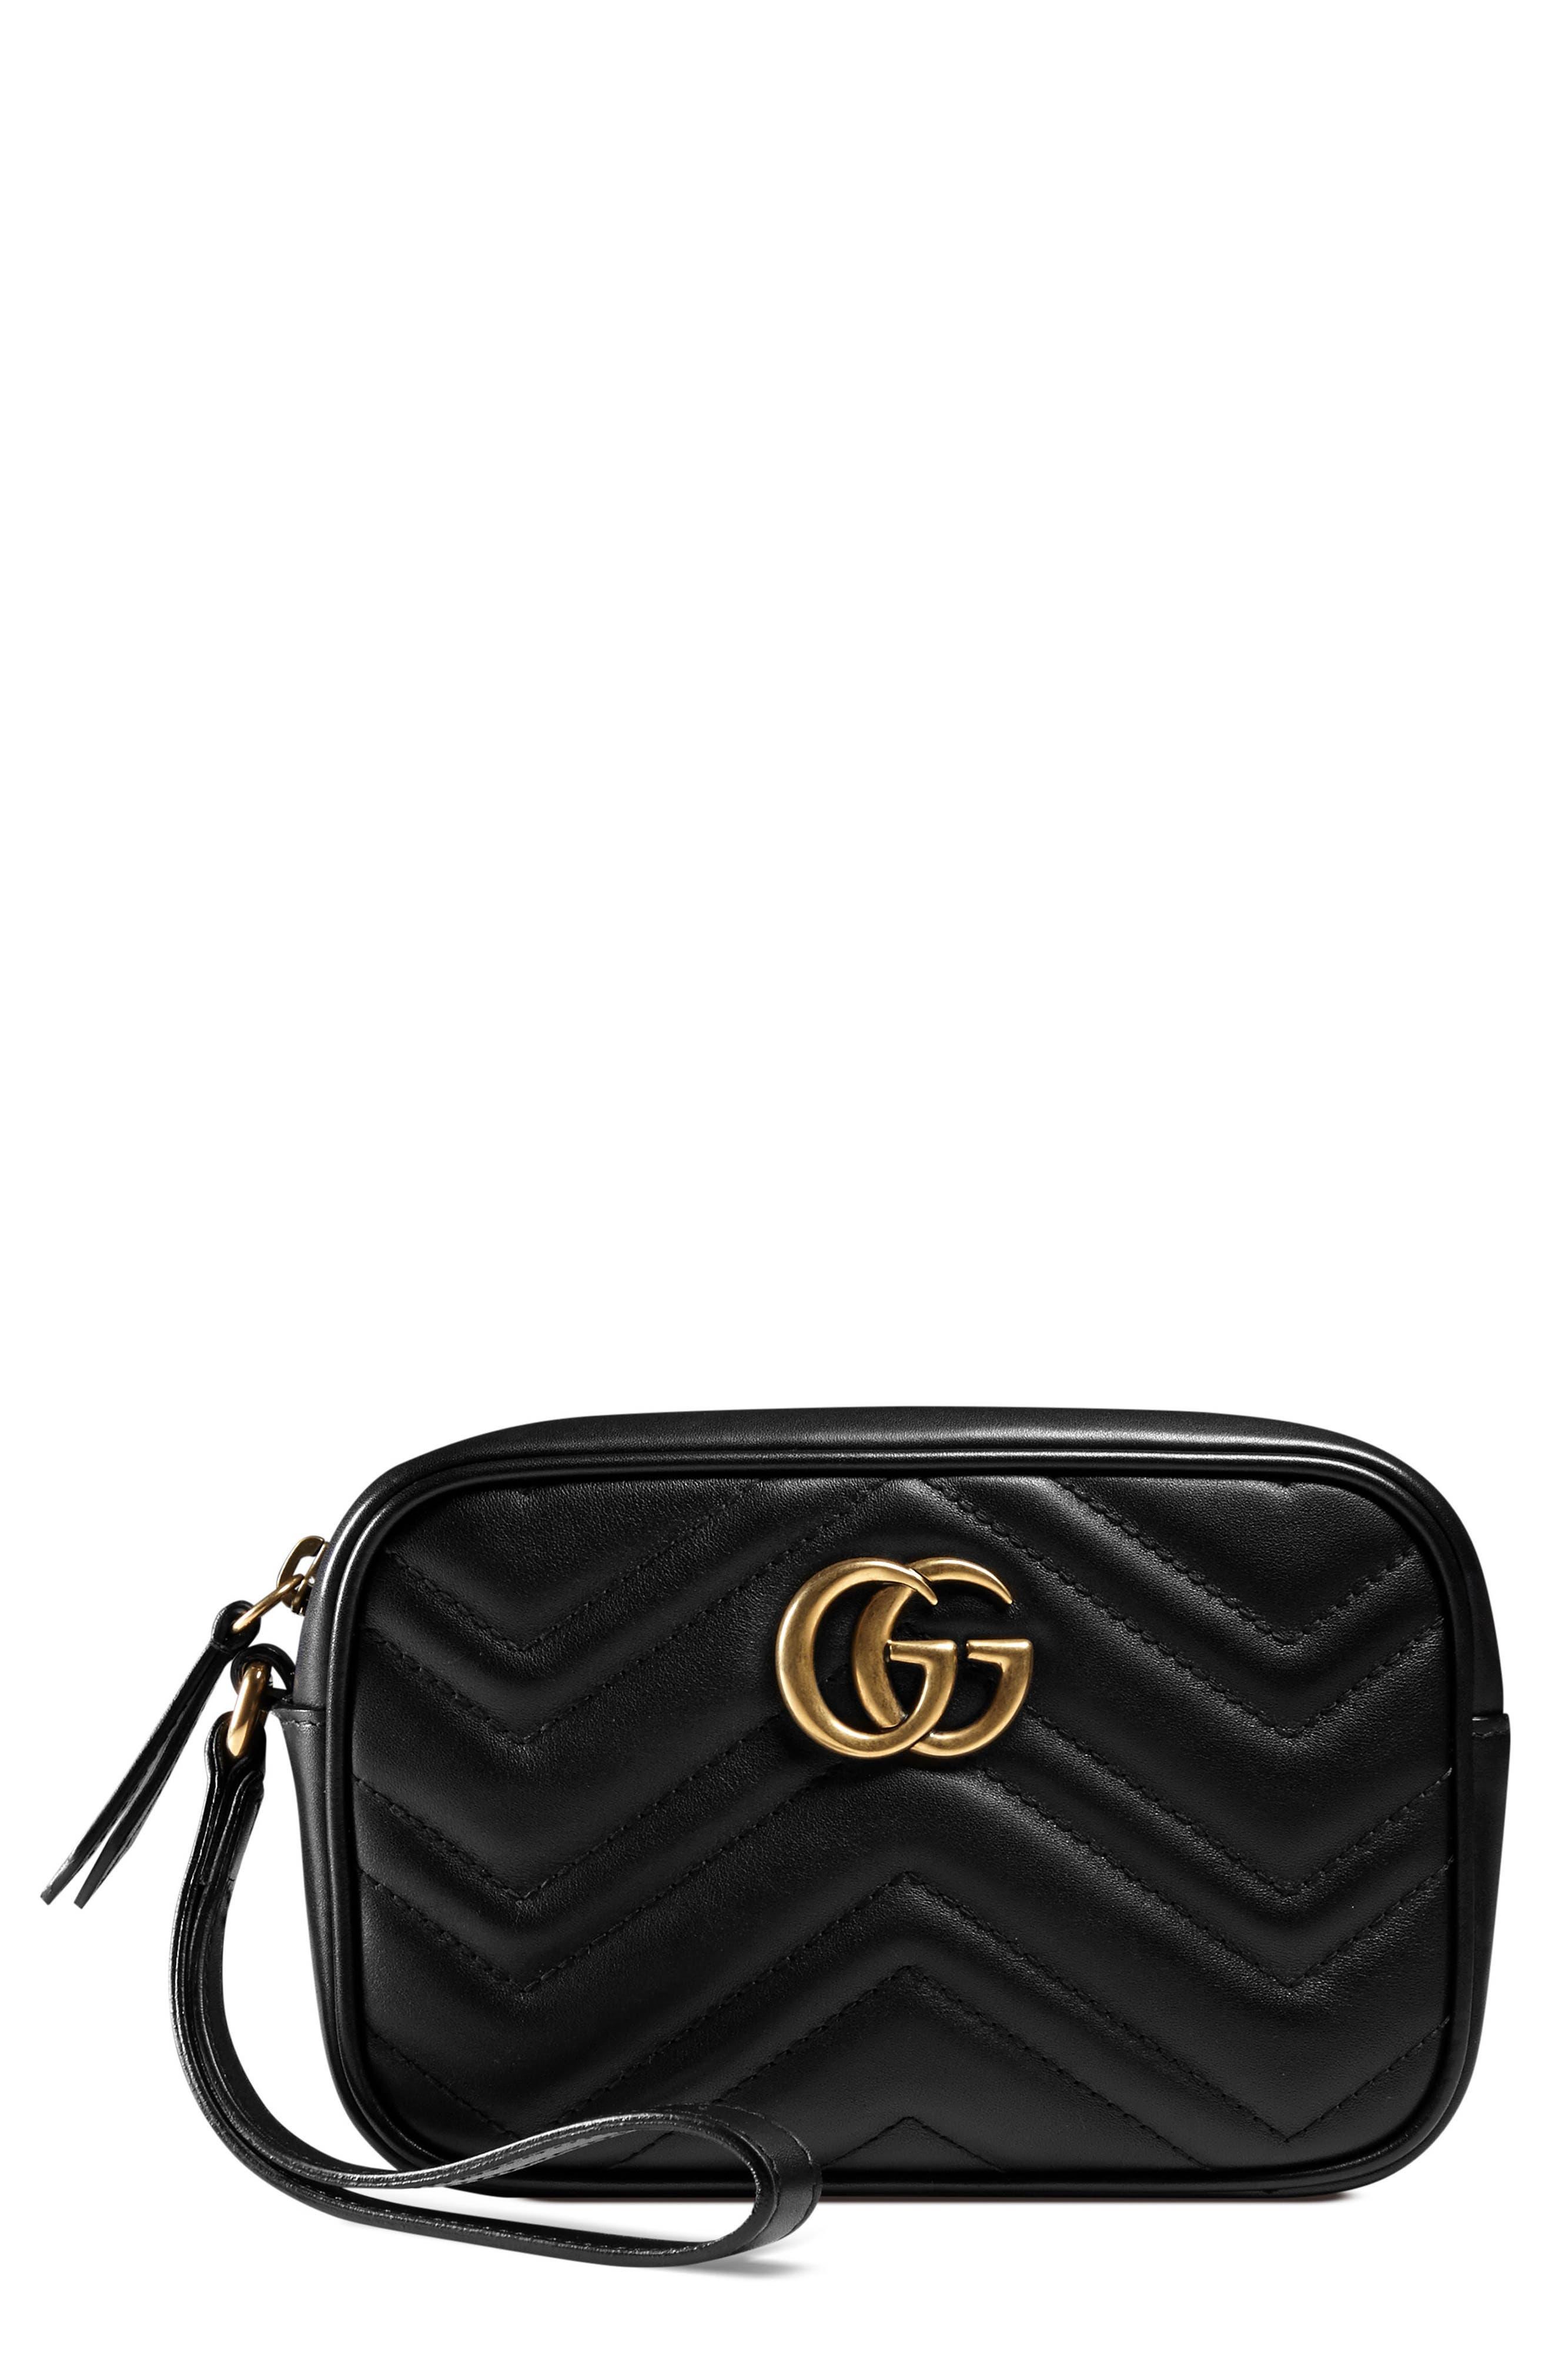 GG Marmont Matelassé Imitation Pearl Leather Shoulder Bag,                         Main,                         color,